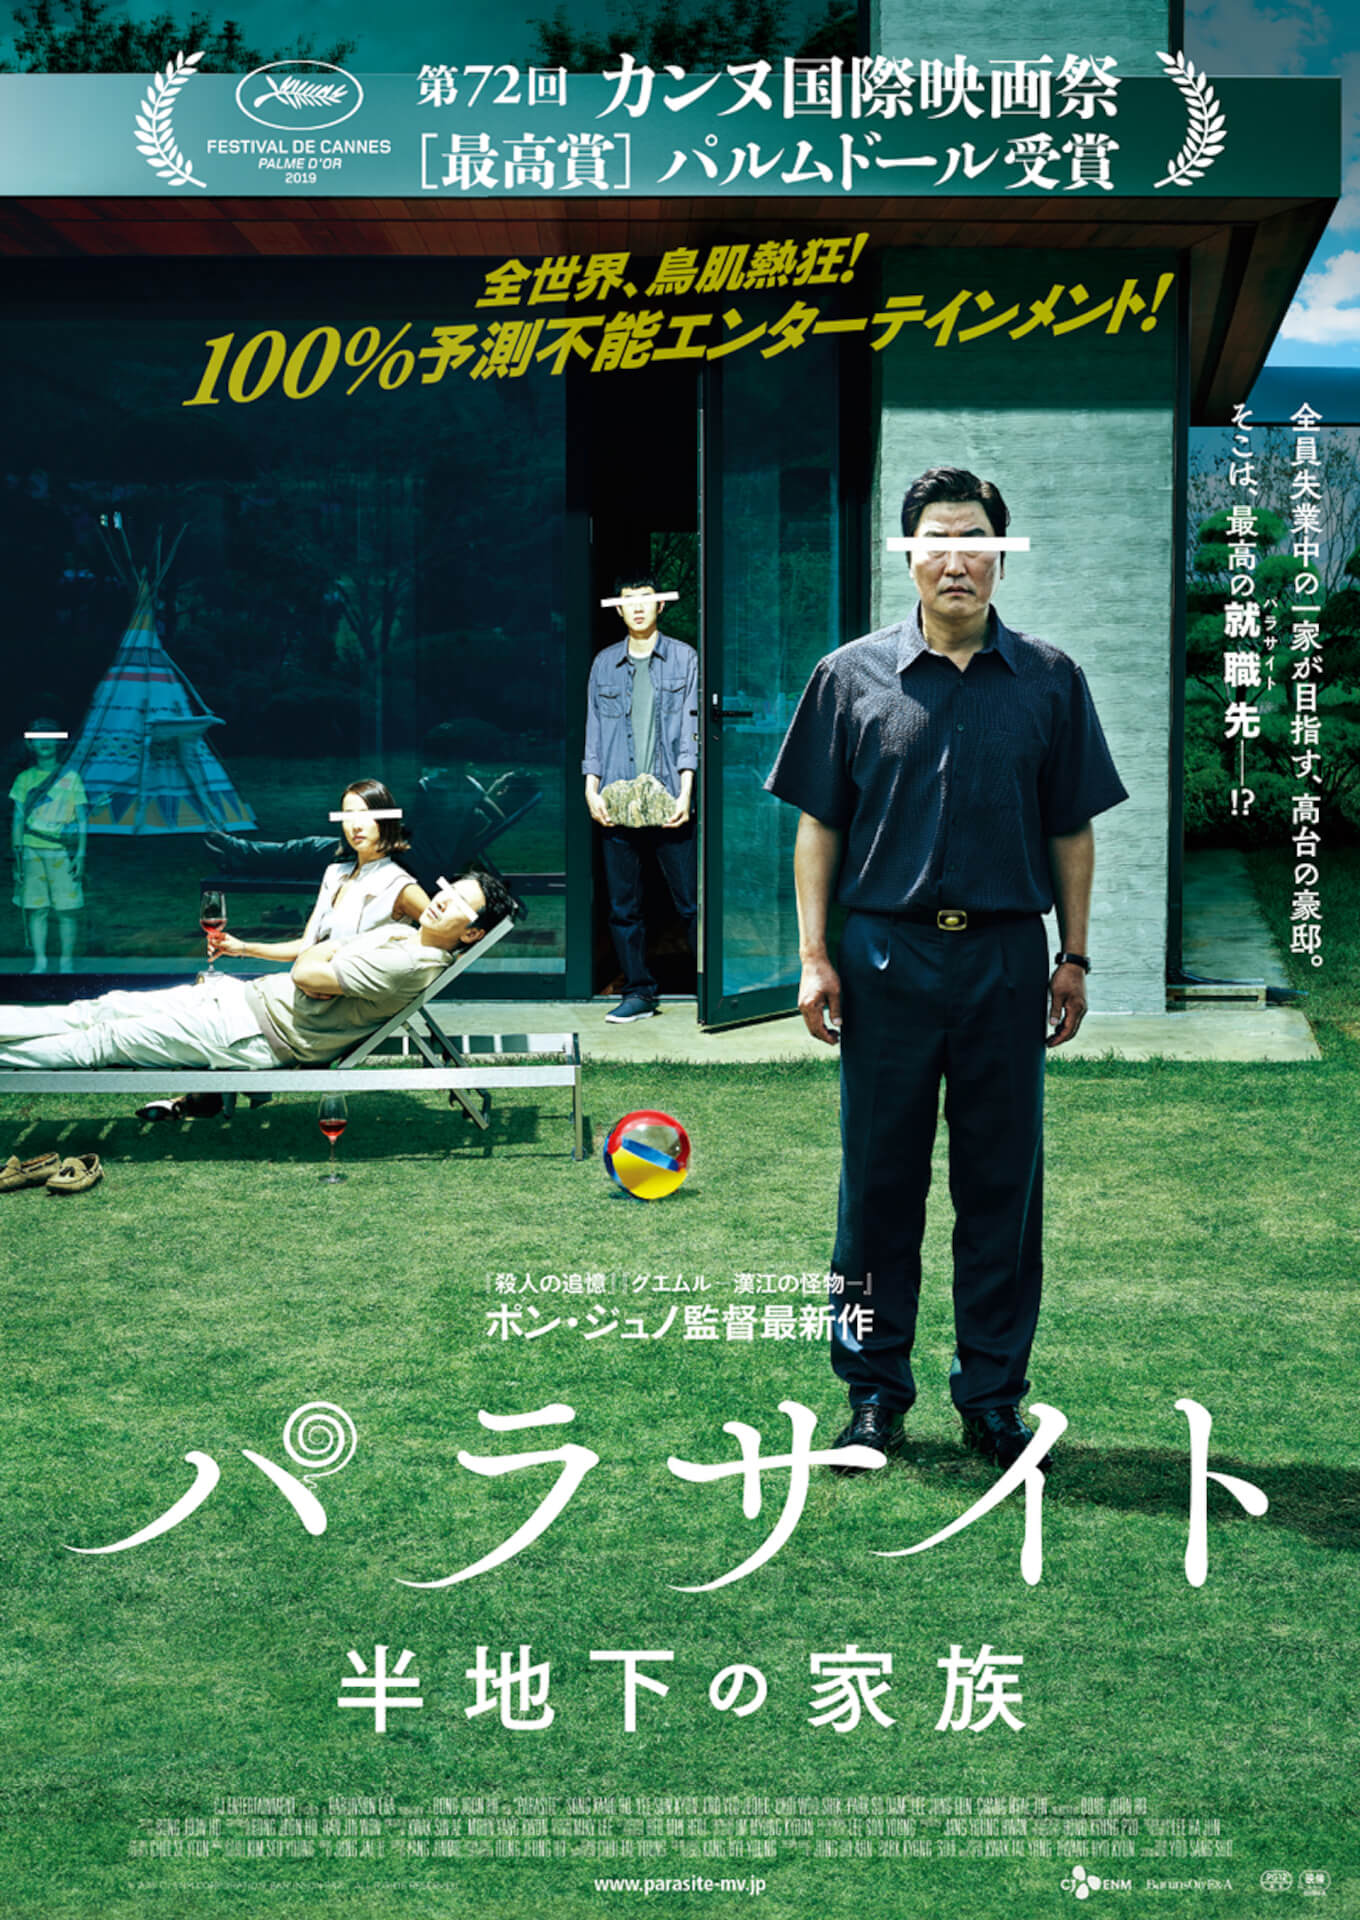 全世界が熱狂する『パラサイト 半地下の家族』出演キャスト陣からコメントが到着「韓国映画の進化として認識することでしょう」 film191030_parasite_1